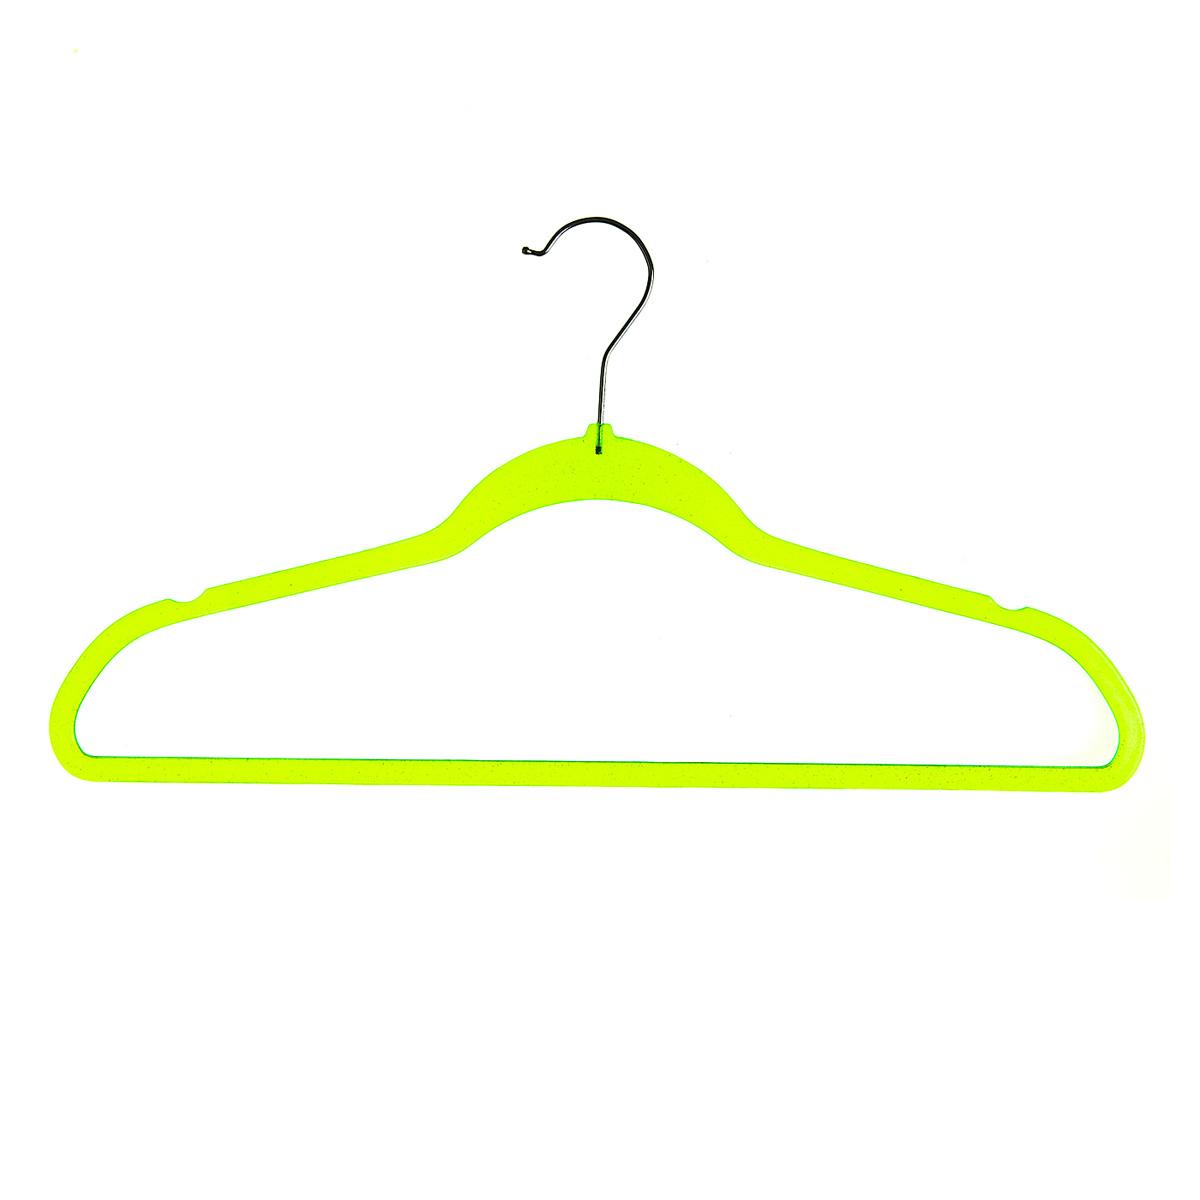 Вешалка HomeQueen, акриловая, с перекладиной, цвет: зеленый, длина 45 см12723Вешалка для одежды HomeQueen, выполненная из акрила и металла, идеально подойдет для разного вида одежды. Она имеет надежный крючок и перекладину для брюк.Вешалка - это незаменимая вещь для того, чтобы ваша одежда всегда оставалась в хорошем состоянии.Размер вешалки: 45 х 0,5 х 22 см.